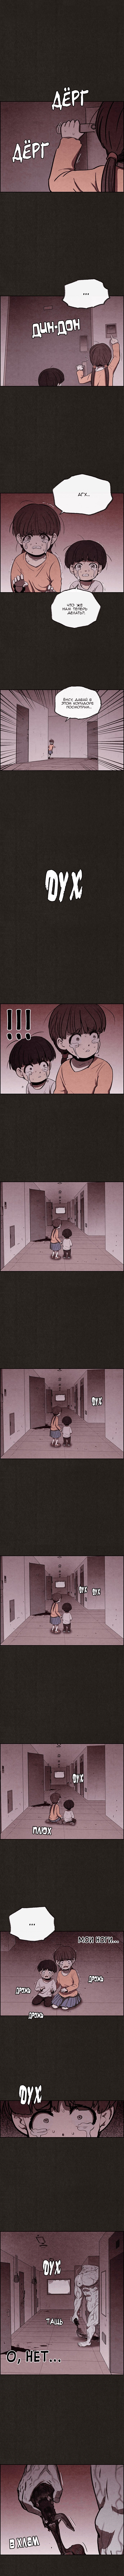 Манга Милый дом / Sweet Home (HWANG Youngchan) - Том 1 Глава 26 Страница 6